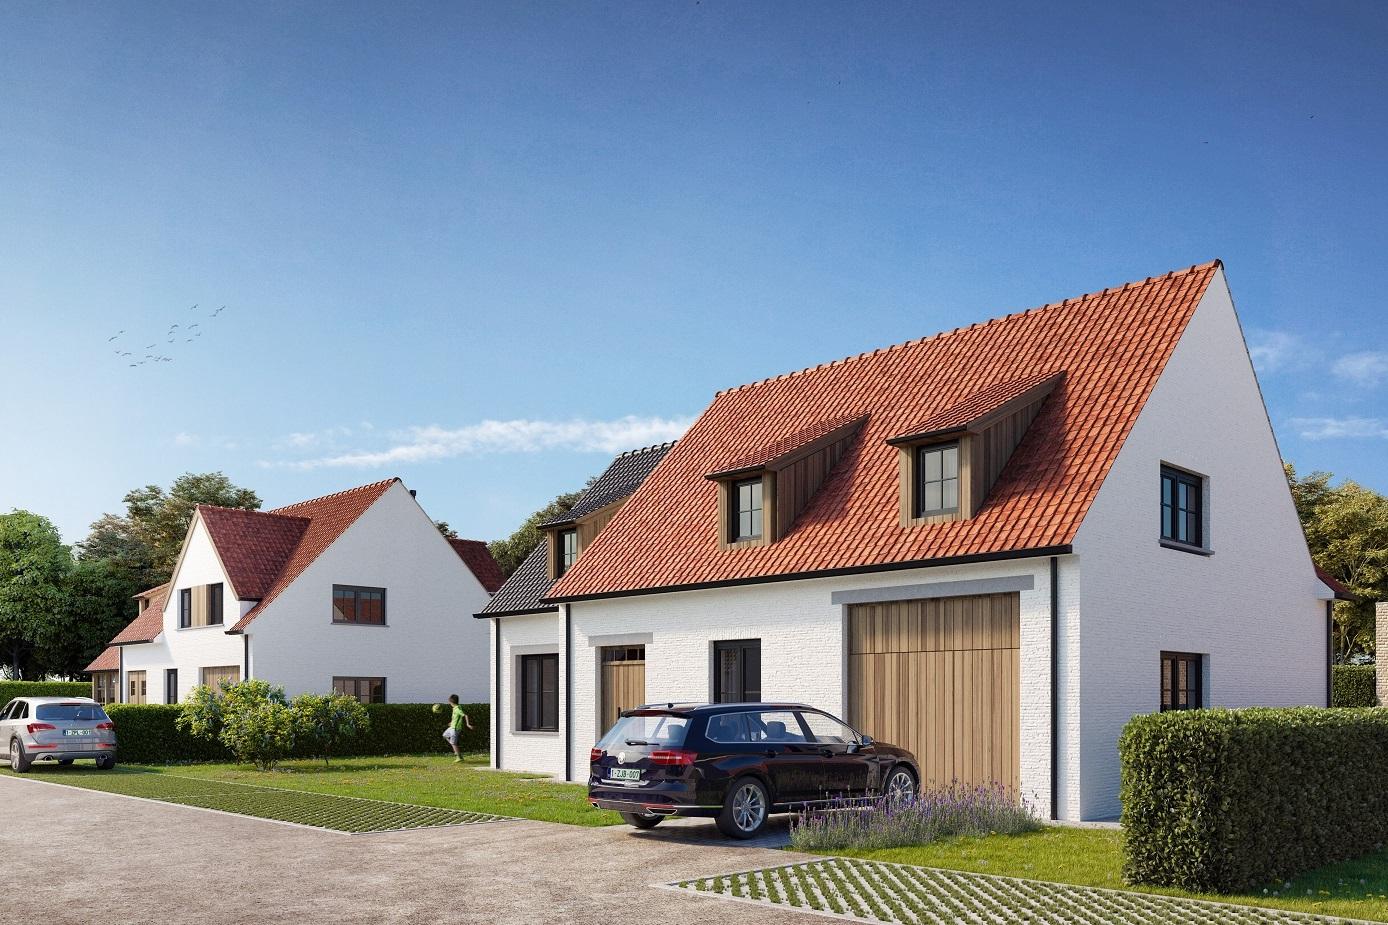 Nieuwbouwproject Het Prinsenhof te koop met eigentijdse nieuwbouwvilla's